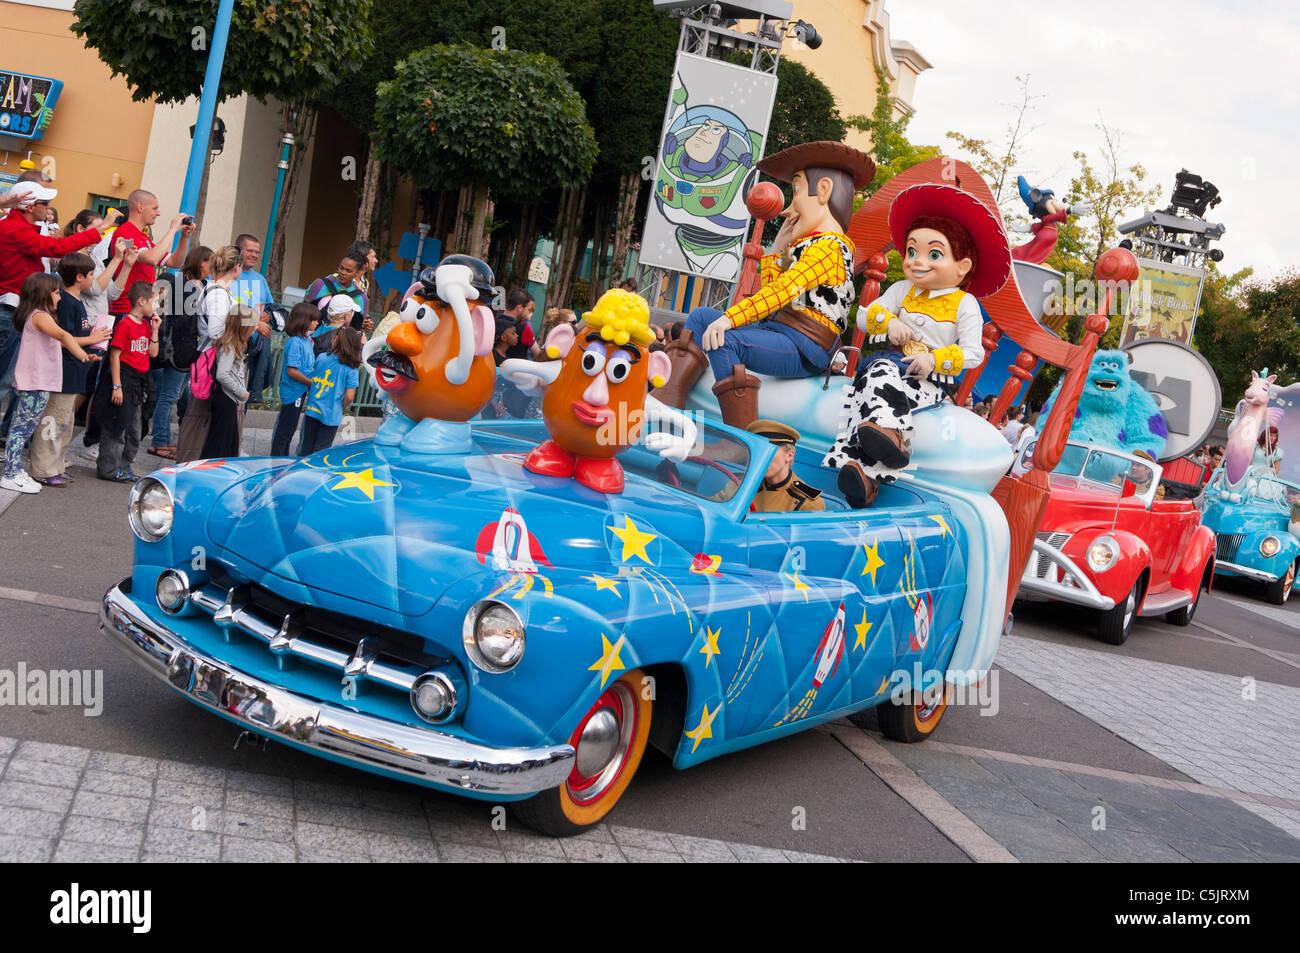 Les stars 39 n 39 cars parade avec les personnages de toy - Le cochon de toy story ...